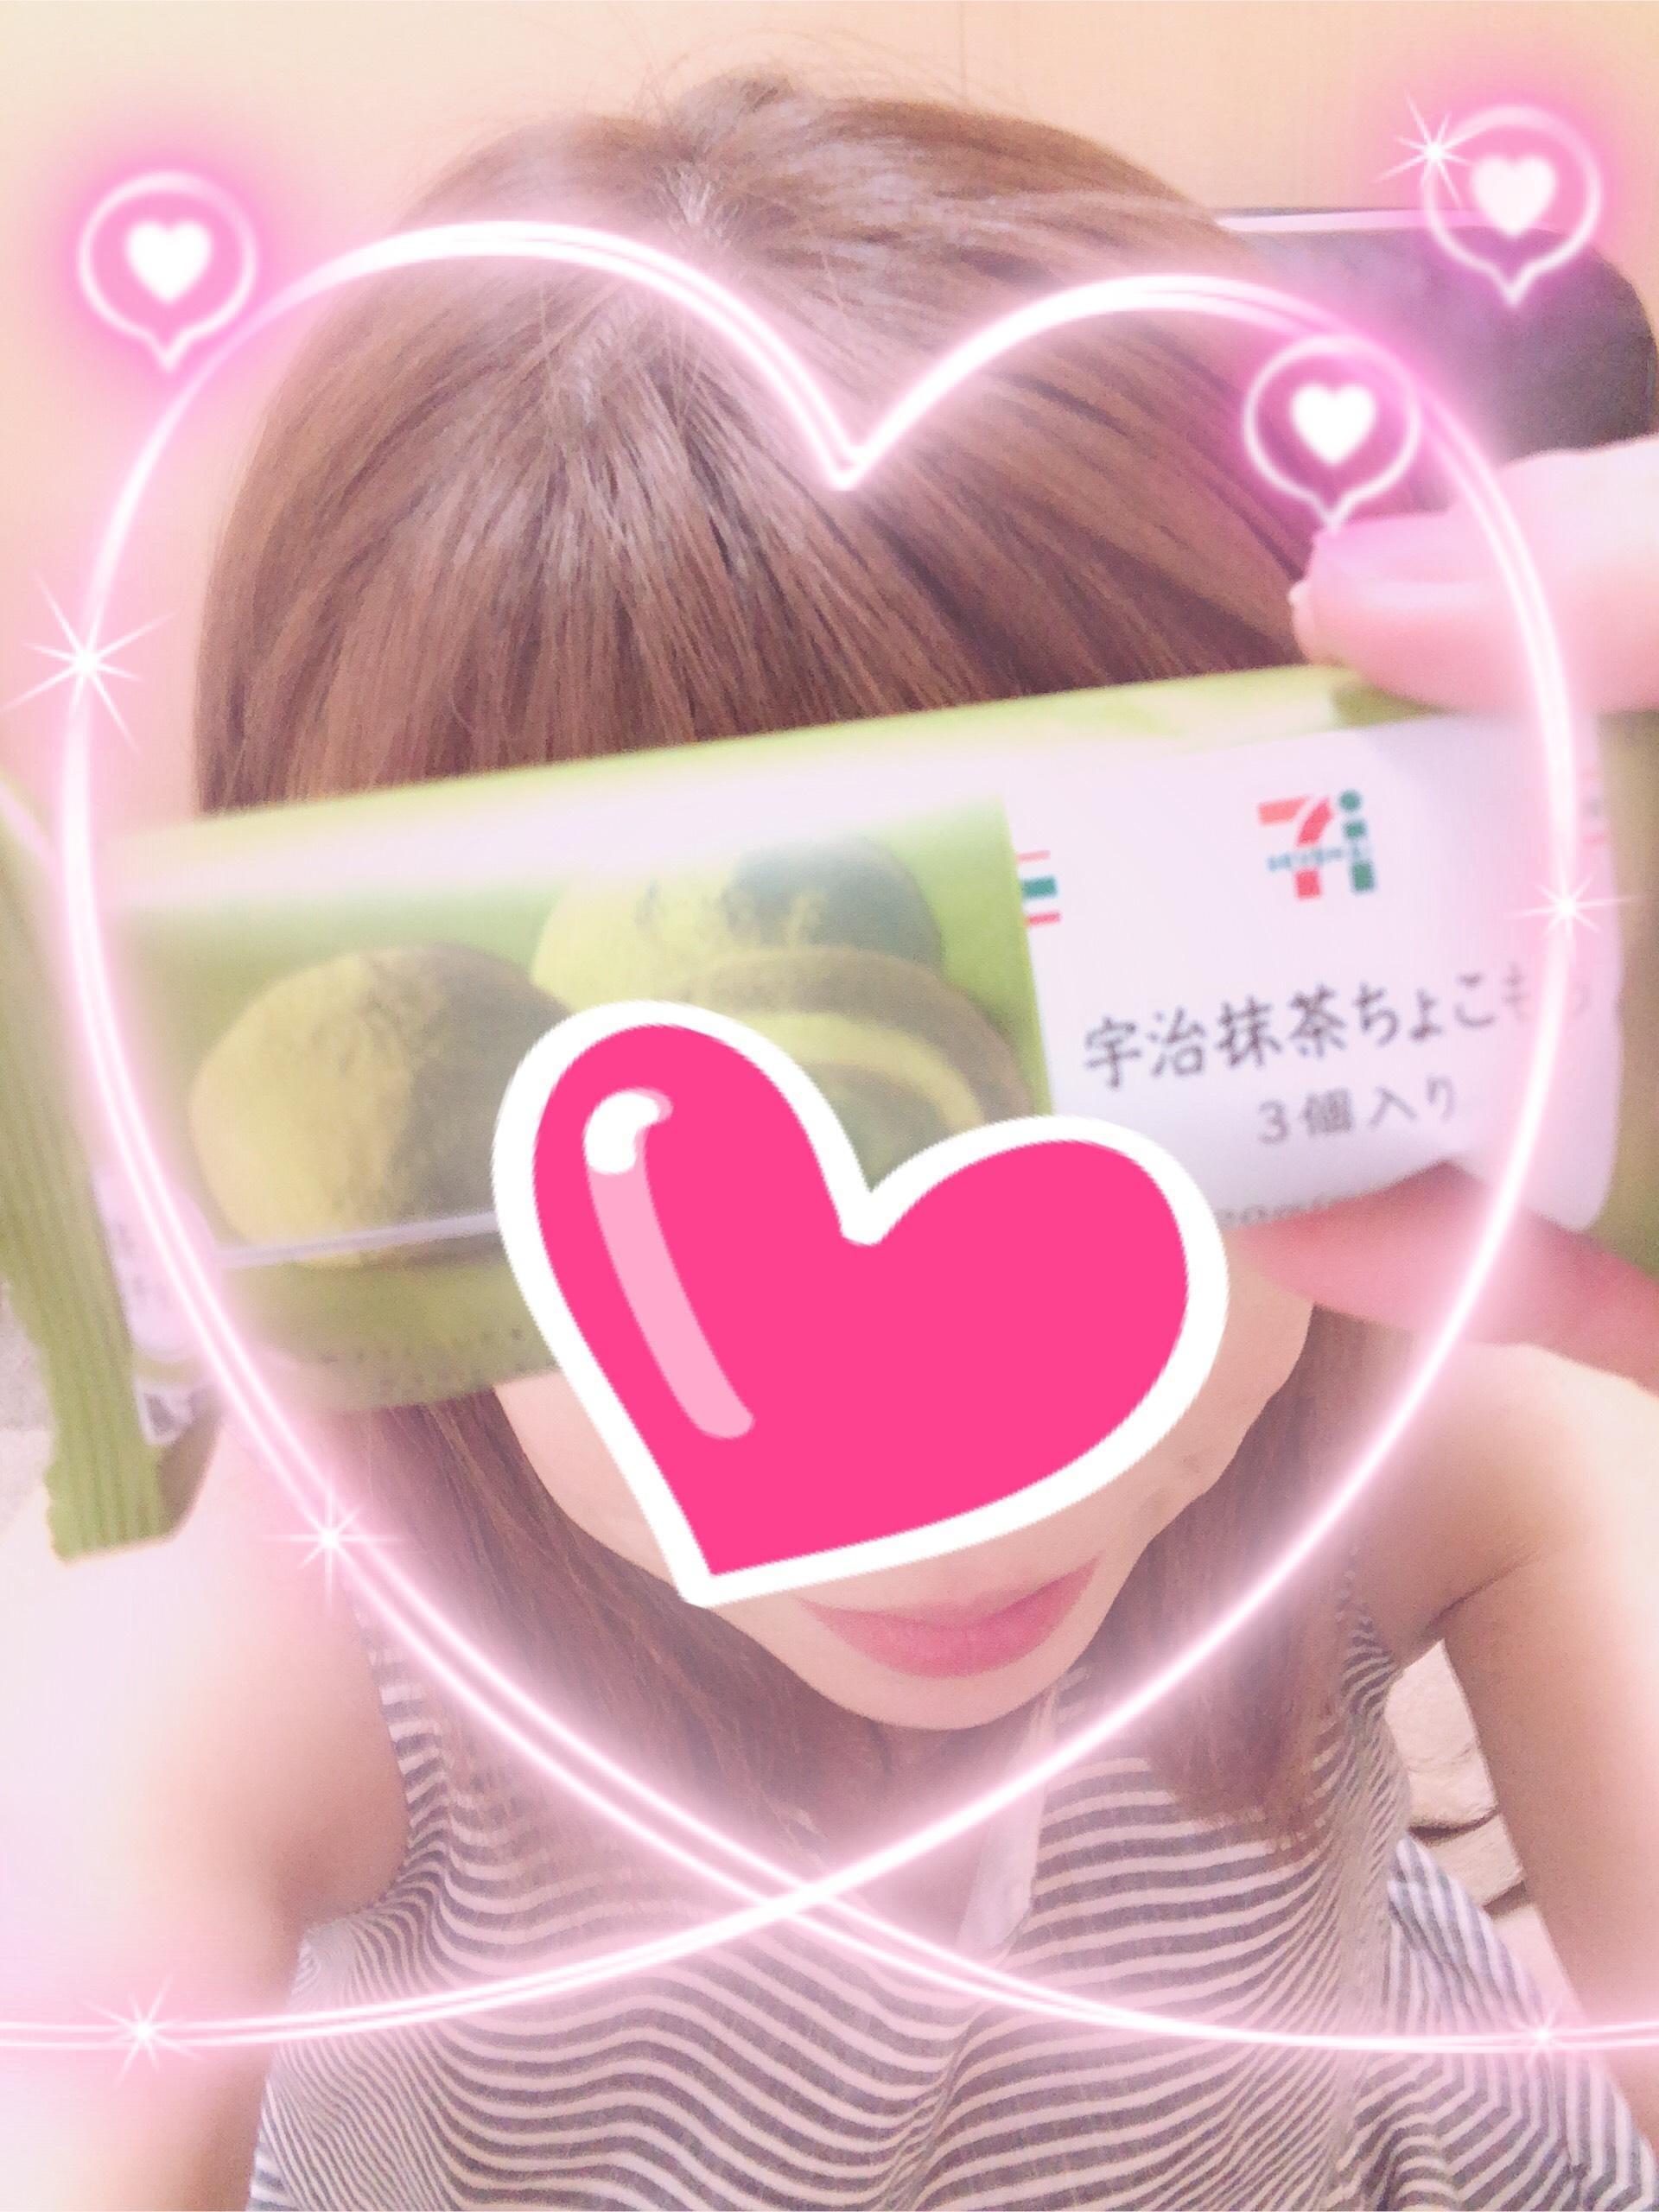 「ありがとう♡」06/21(木) 22:25 | 杏里【5/1入店】Eカップの巨乳の写メ・風俗動画